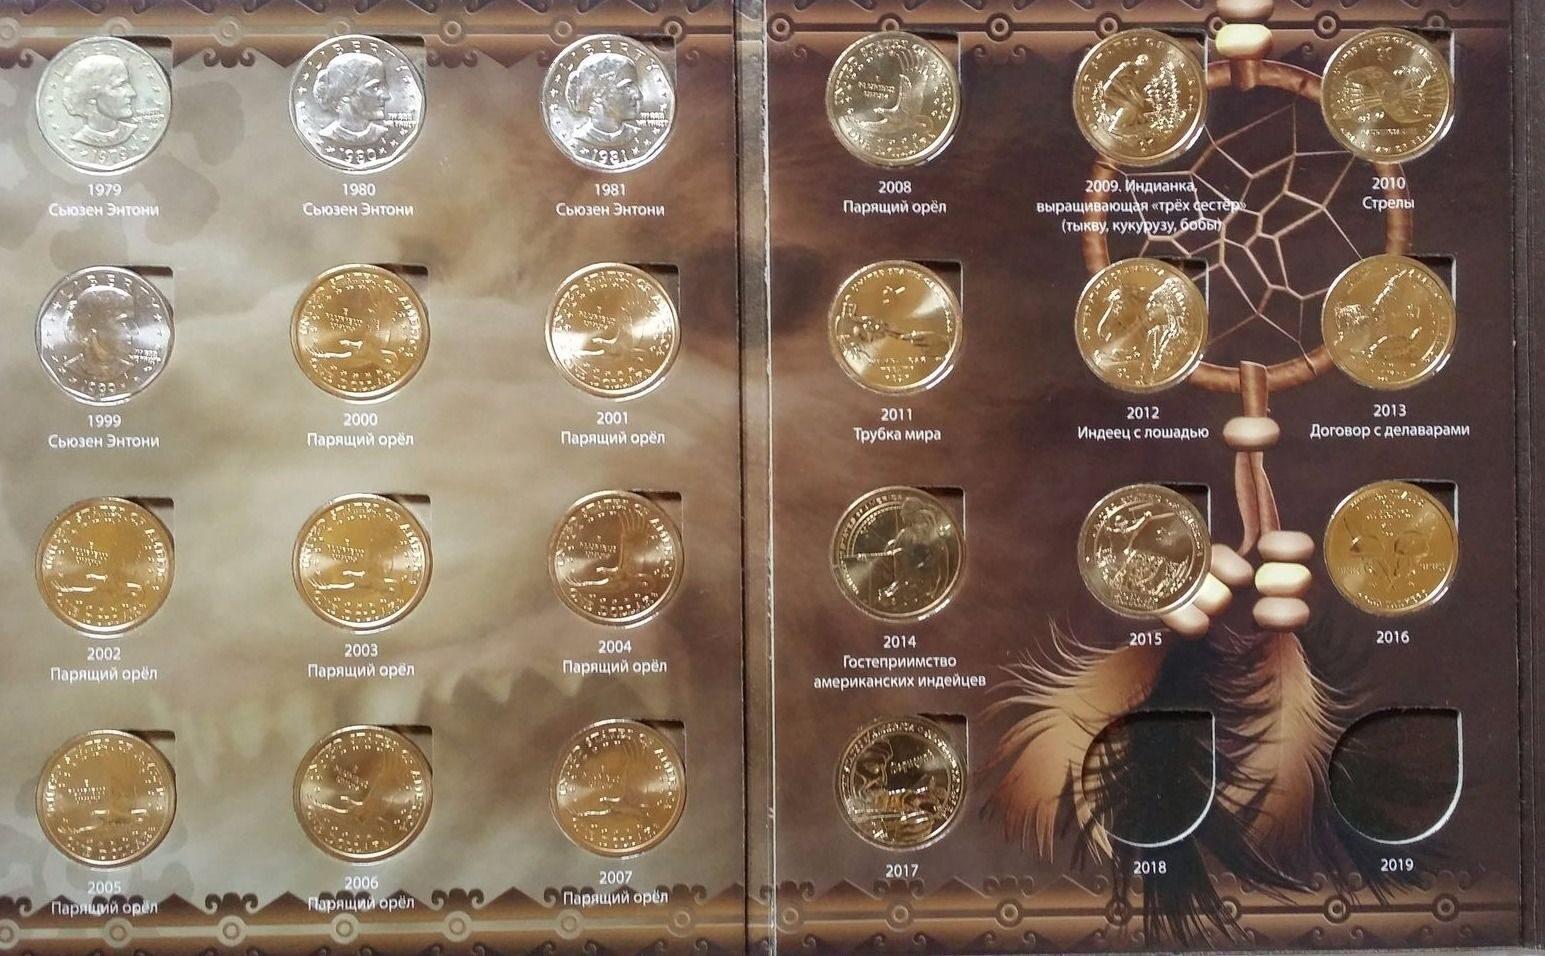 Монеты сша сакагавея союз нумизматов россии